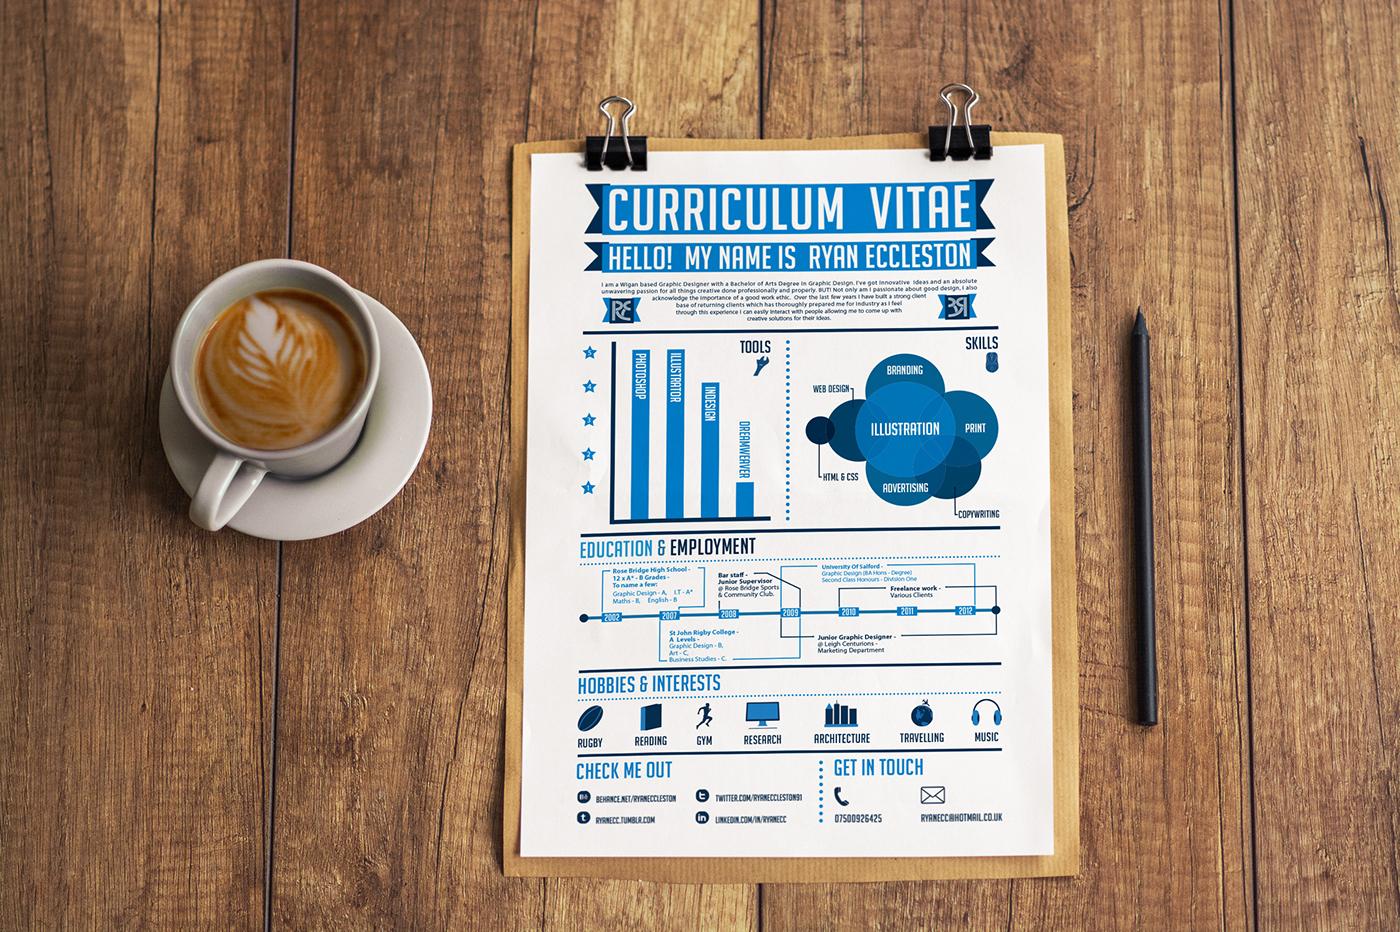 CV curriculum Vitae Curriculum Vitae Website Self Promotion self Promotion infographic infographics vector Web info graphics Resume